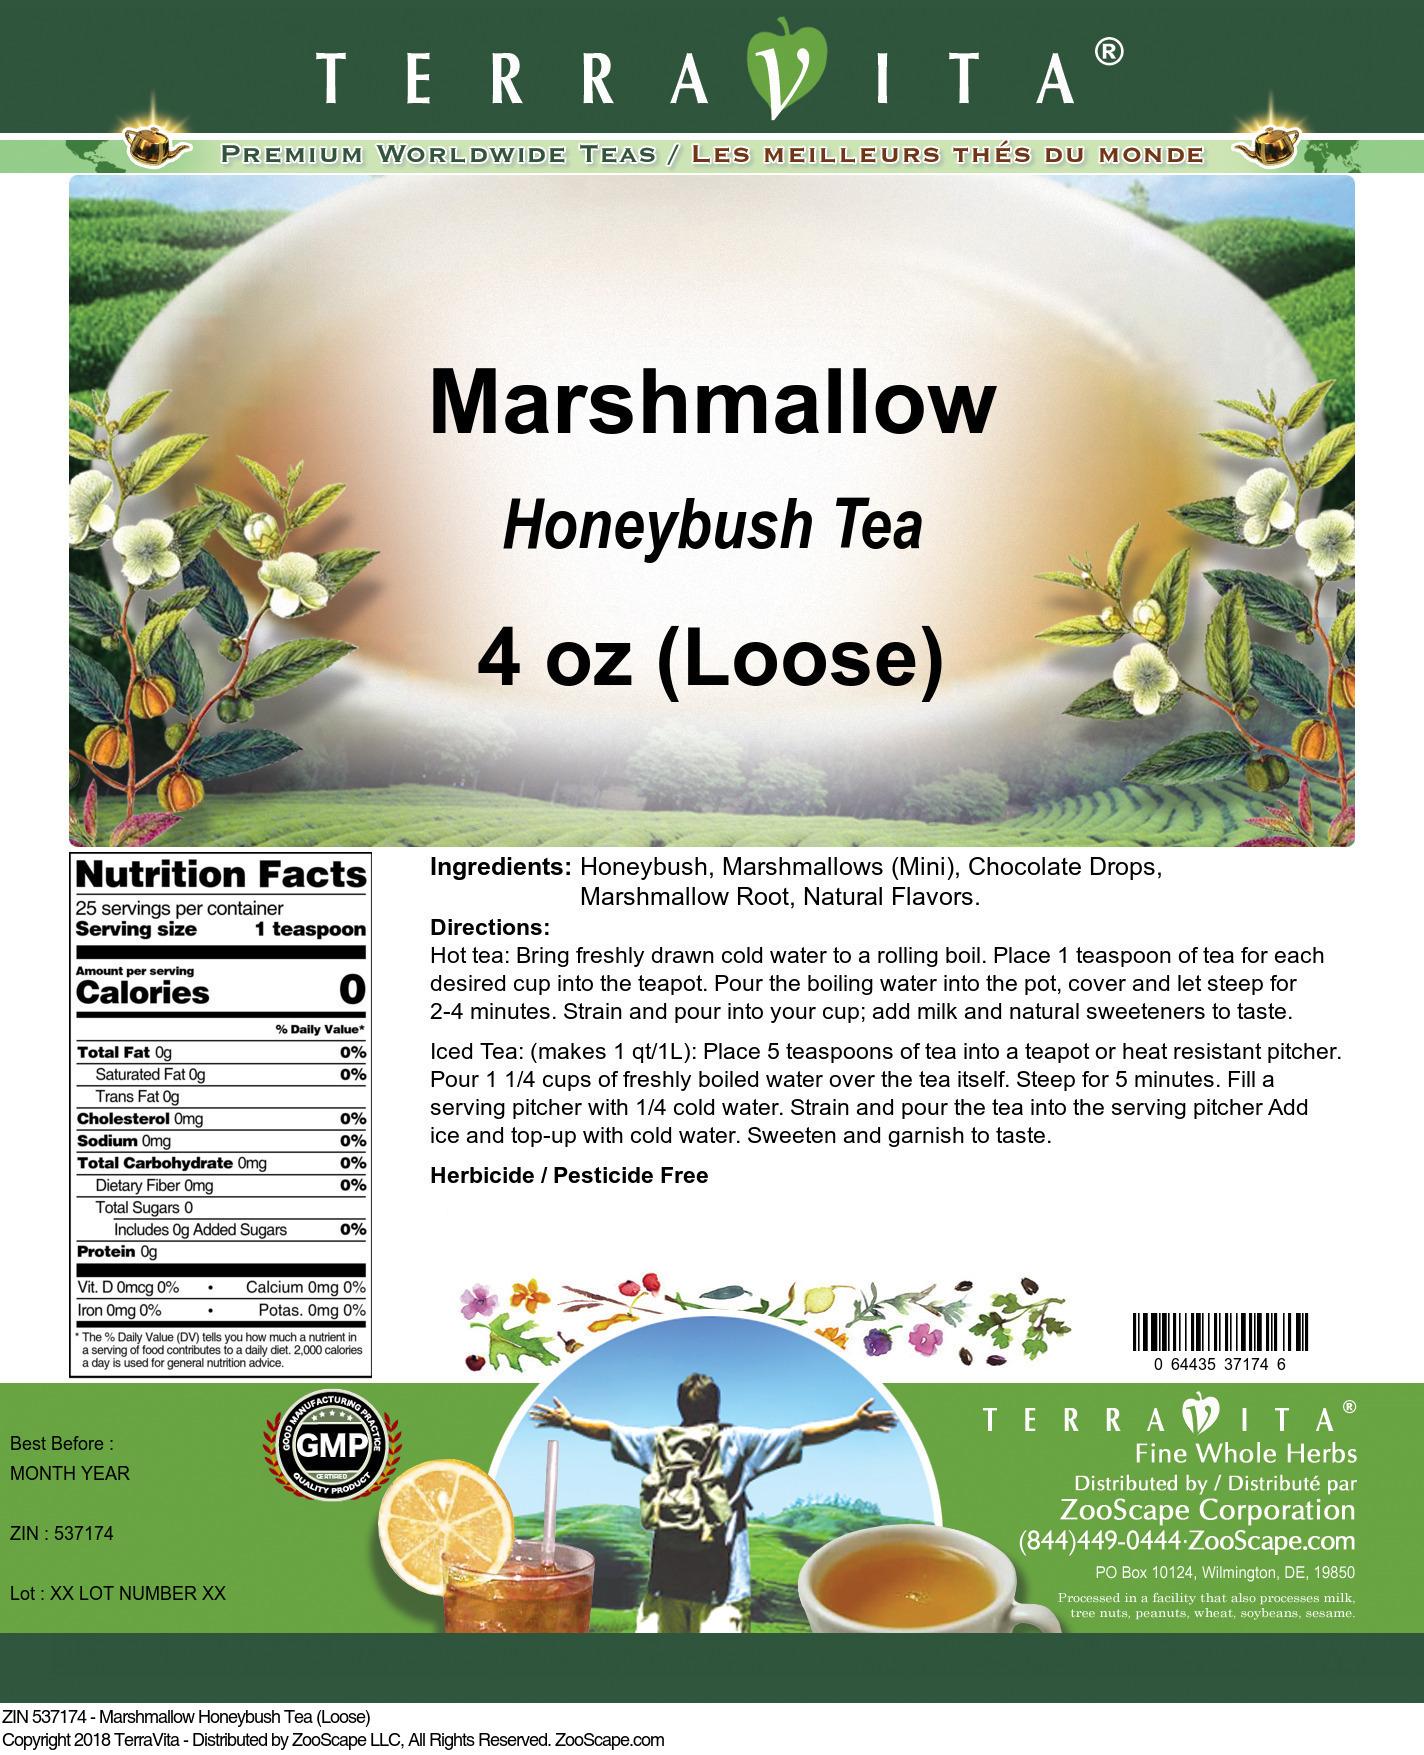 Marshmallow Honeybush Tea